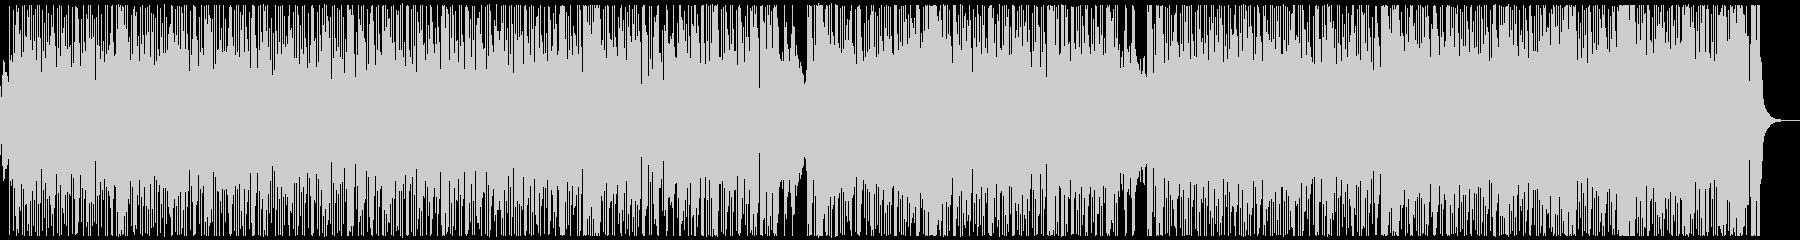 ボサノバのバラードの未再生の波形